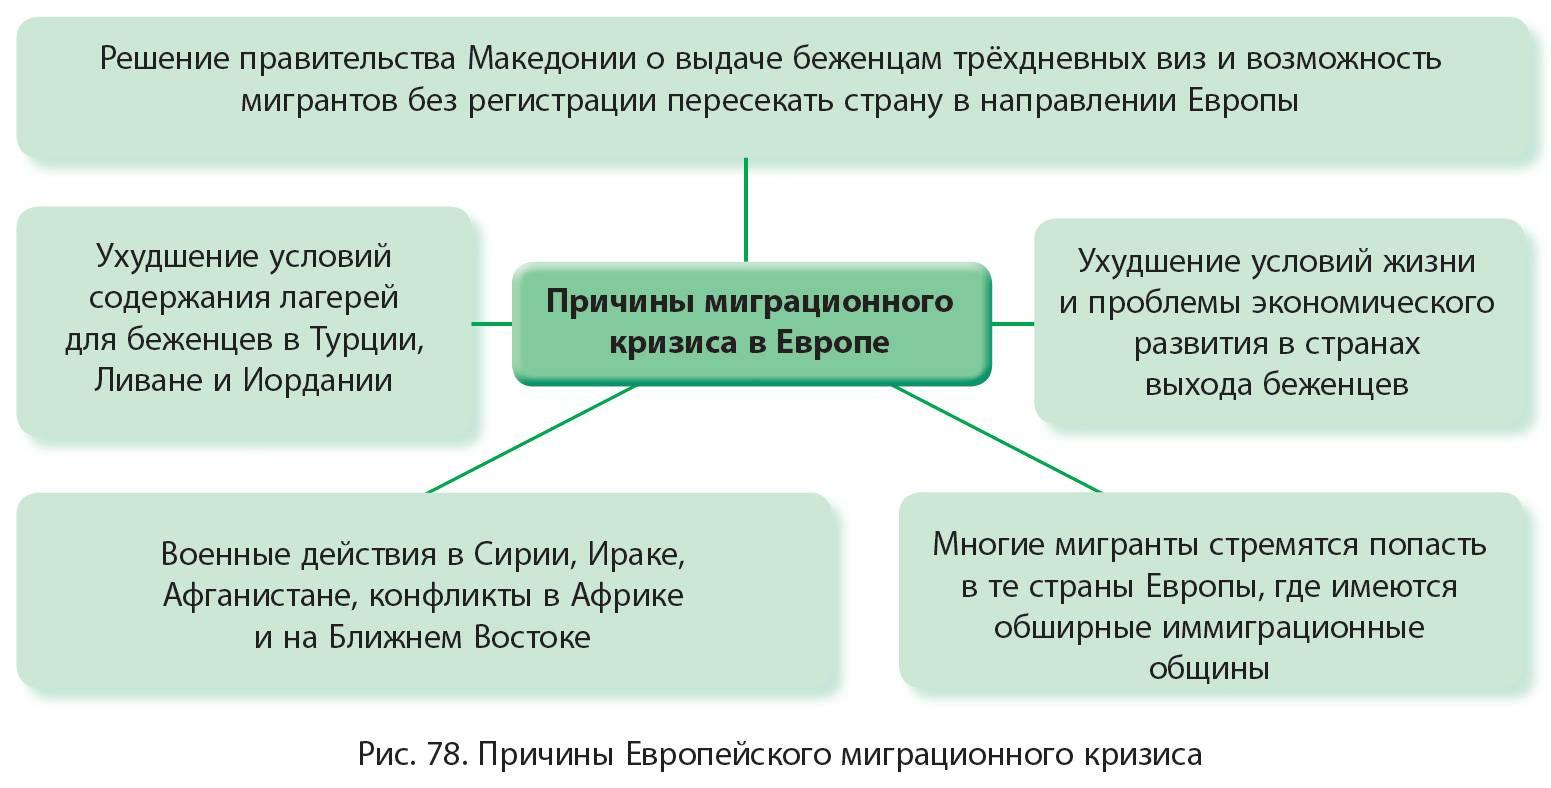 Преимущества и обязательства